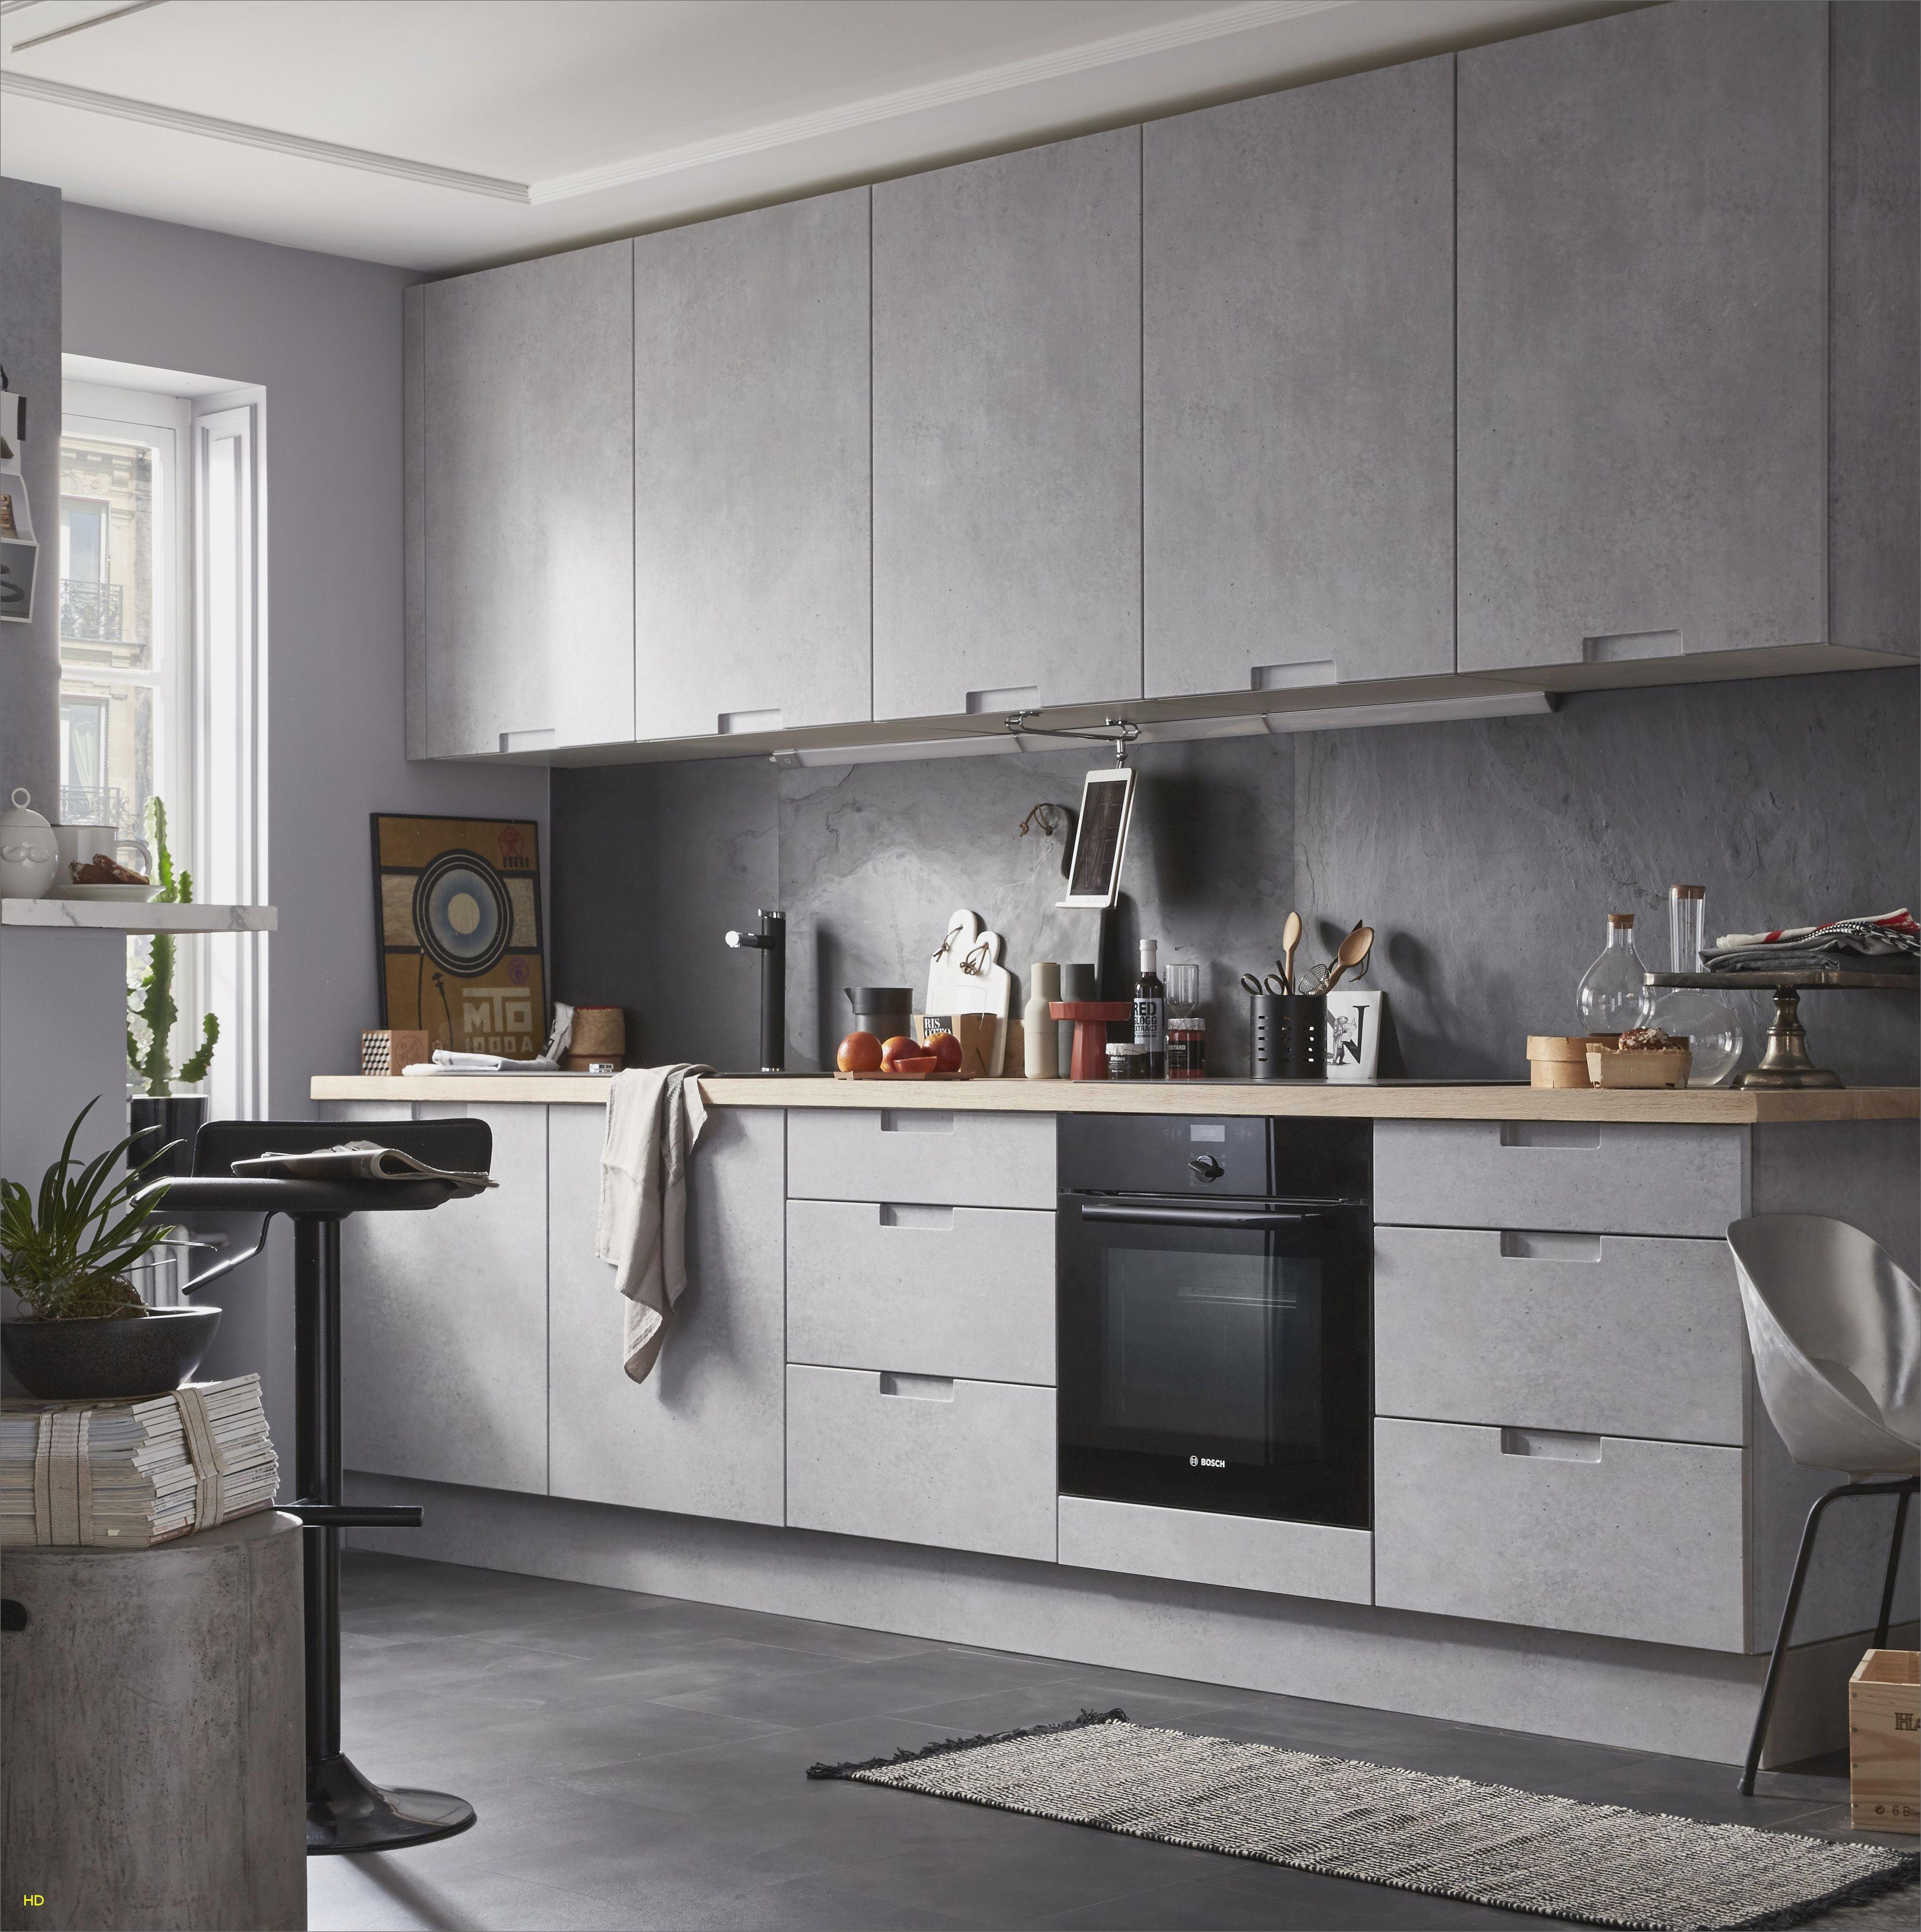 Regard Leroy Merlin Nouveau Image 17 Beautiful Modele Cuisine Leroy Merlin